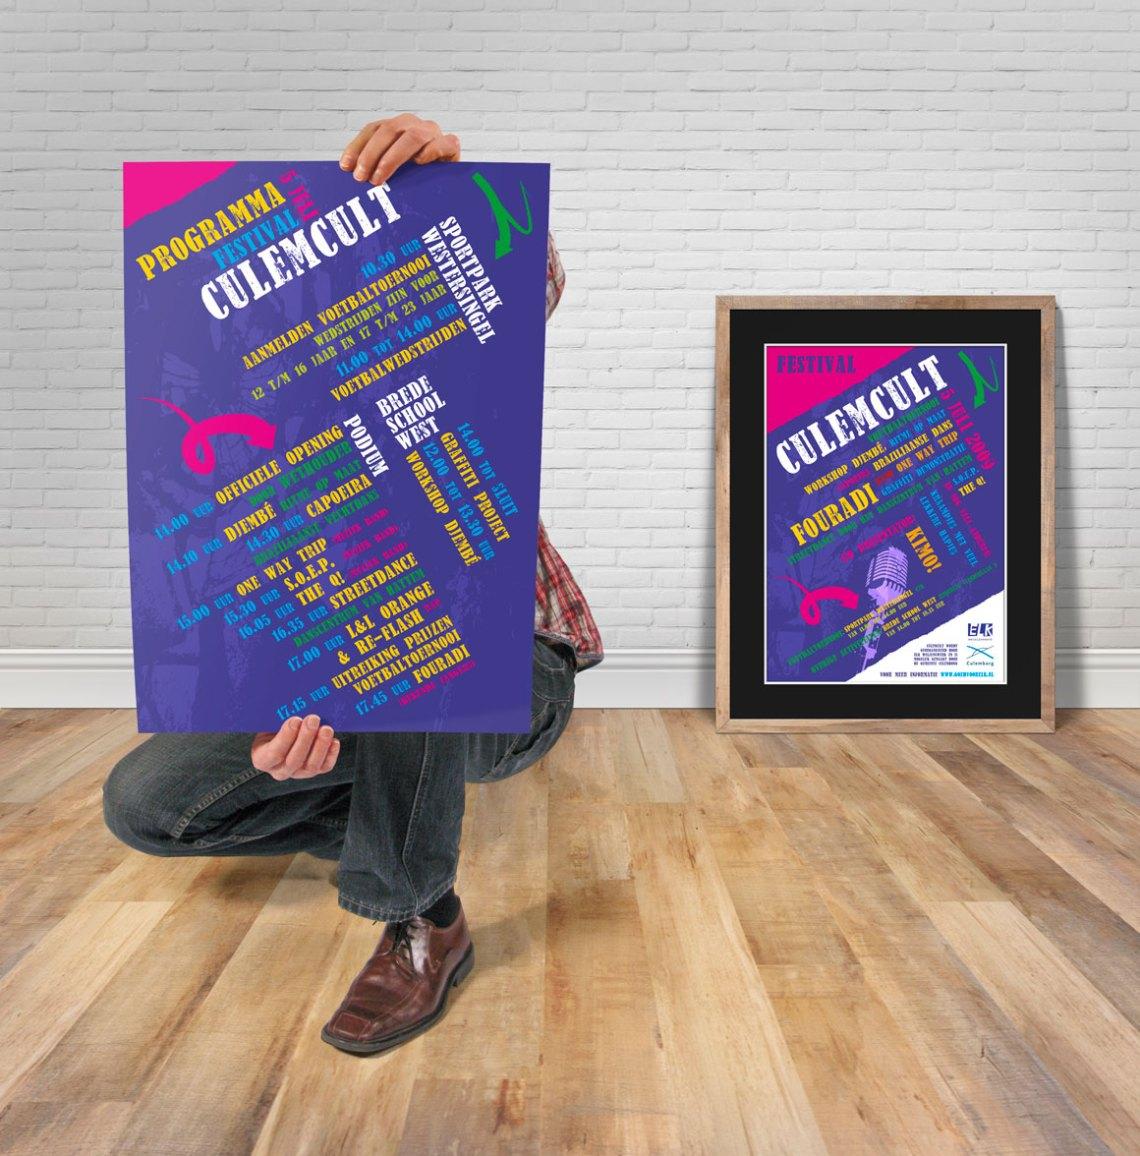 Poster-Culemcult